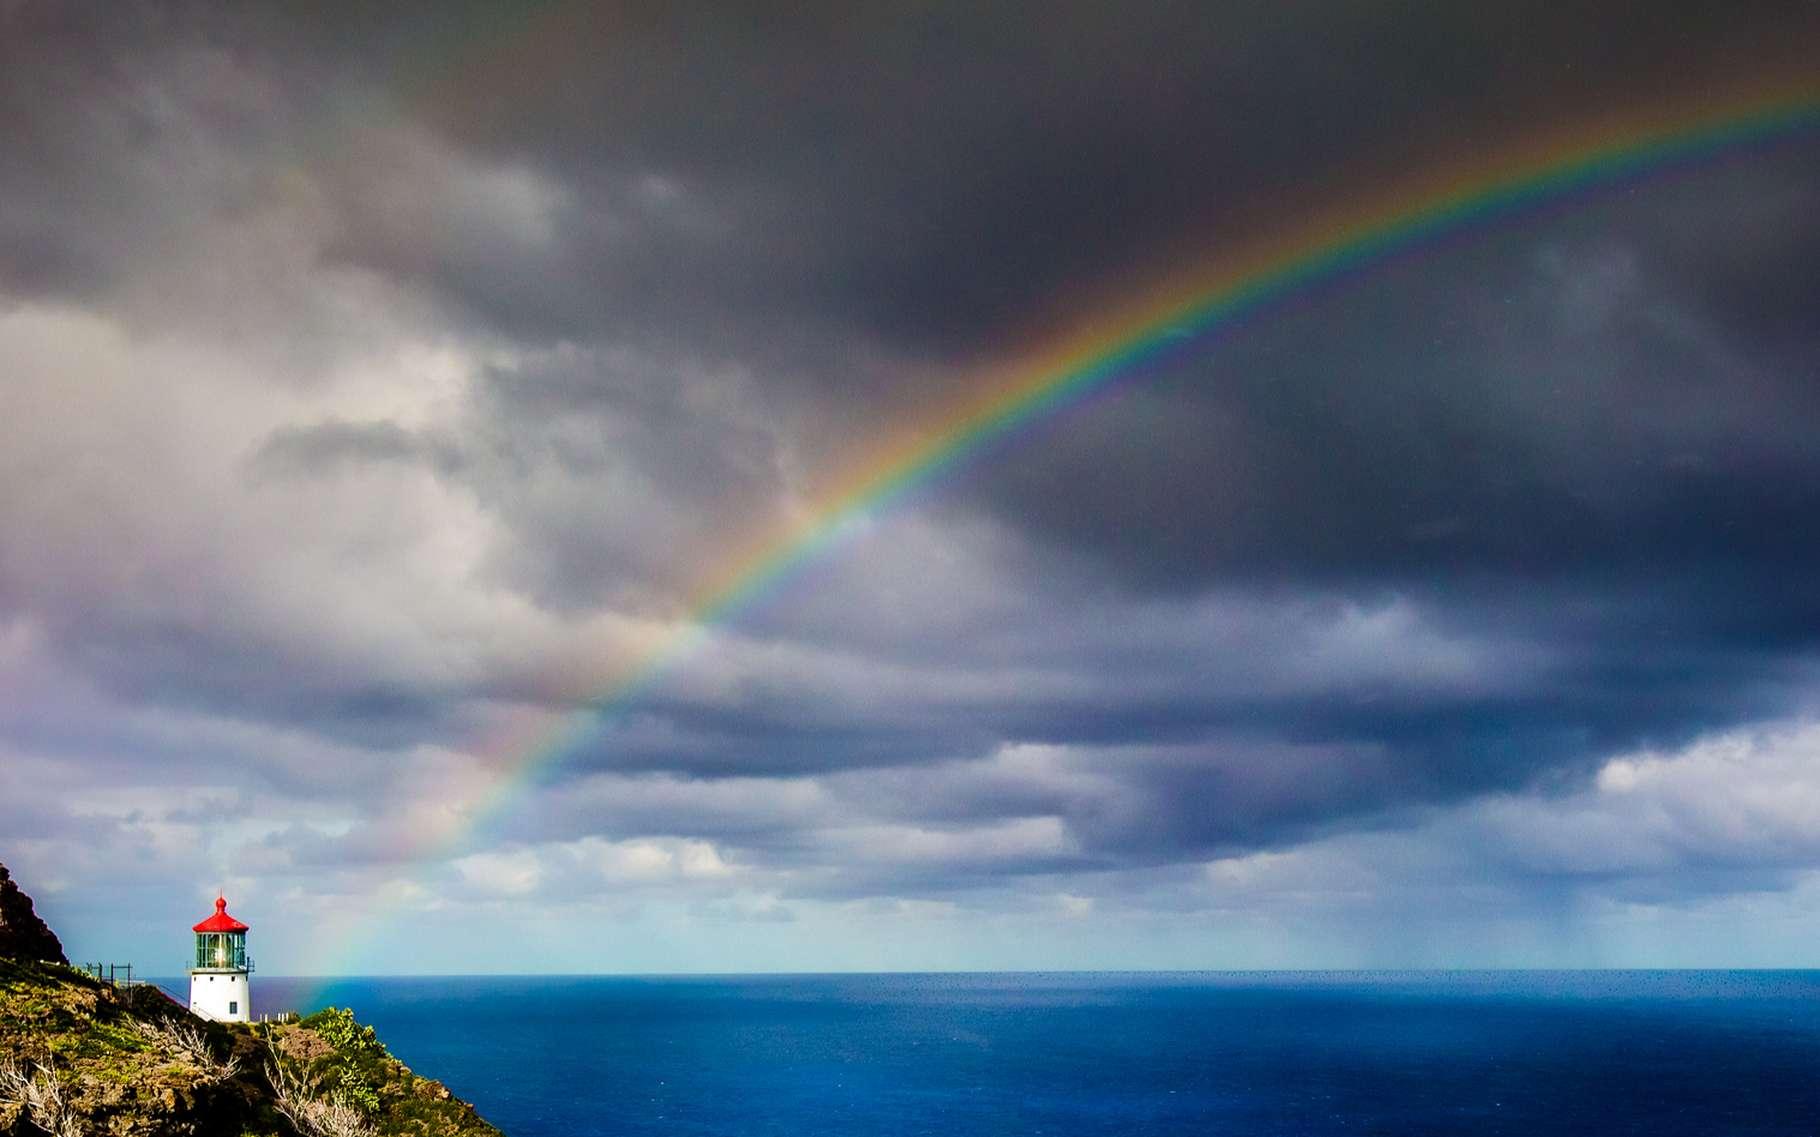 Comment expliquer la forme des arcs-en-ciel ? © Shane Myers Photography, Shutterstock